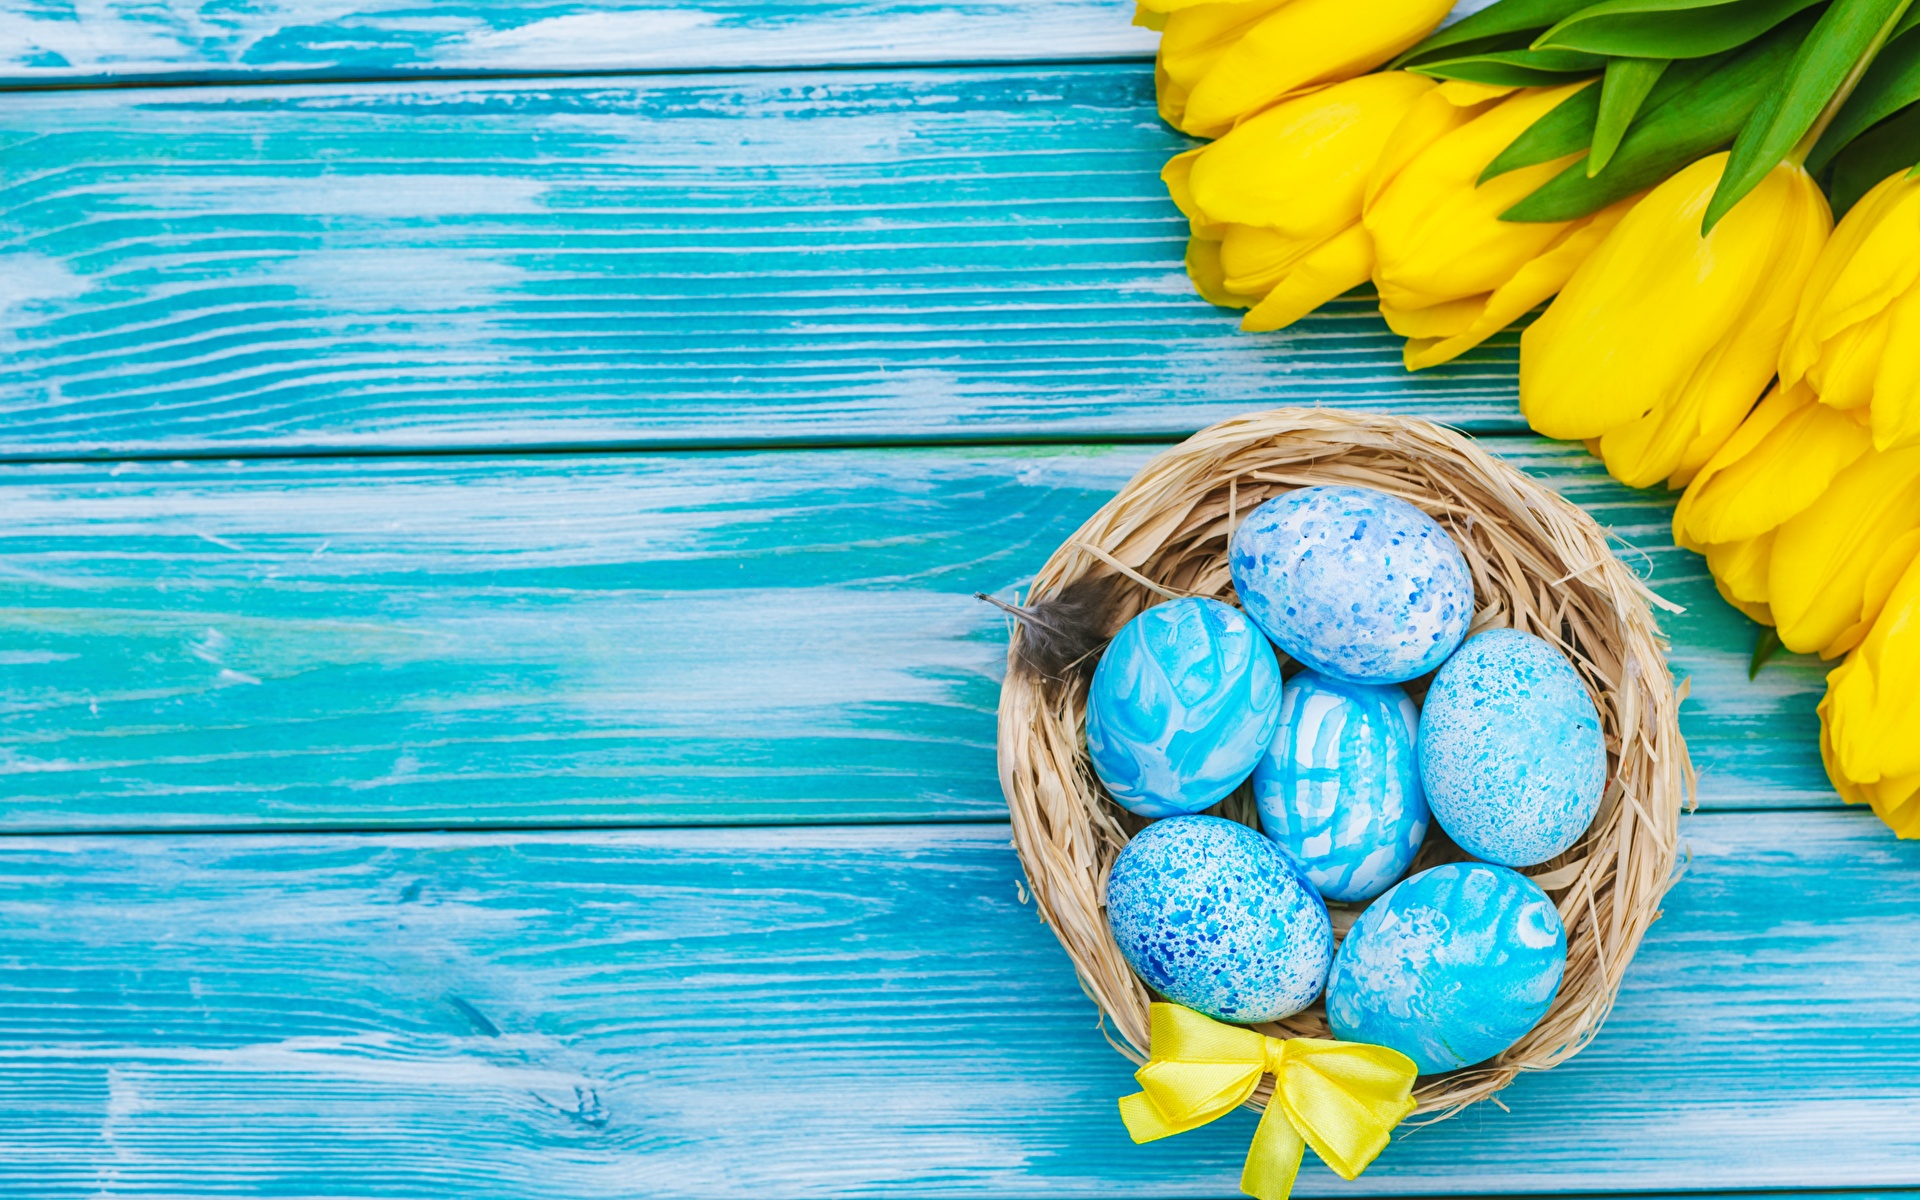 Фото Пасха Яйца Тюльпаны Шаблон поздравительной открытки Доски 1920x1200 яиц яйцо яйцами тюльпан